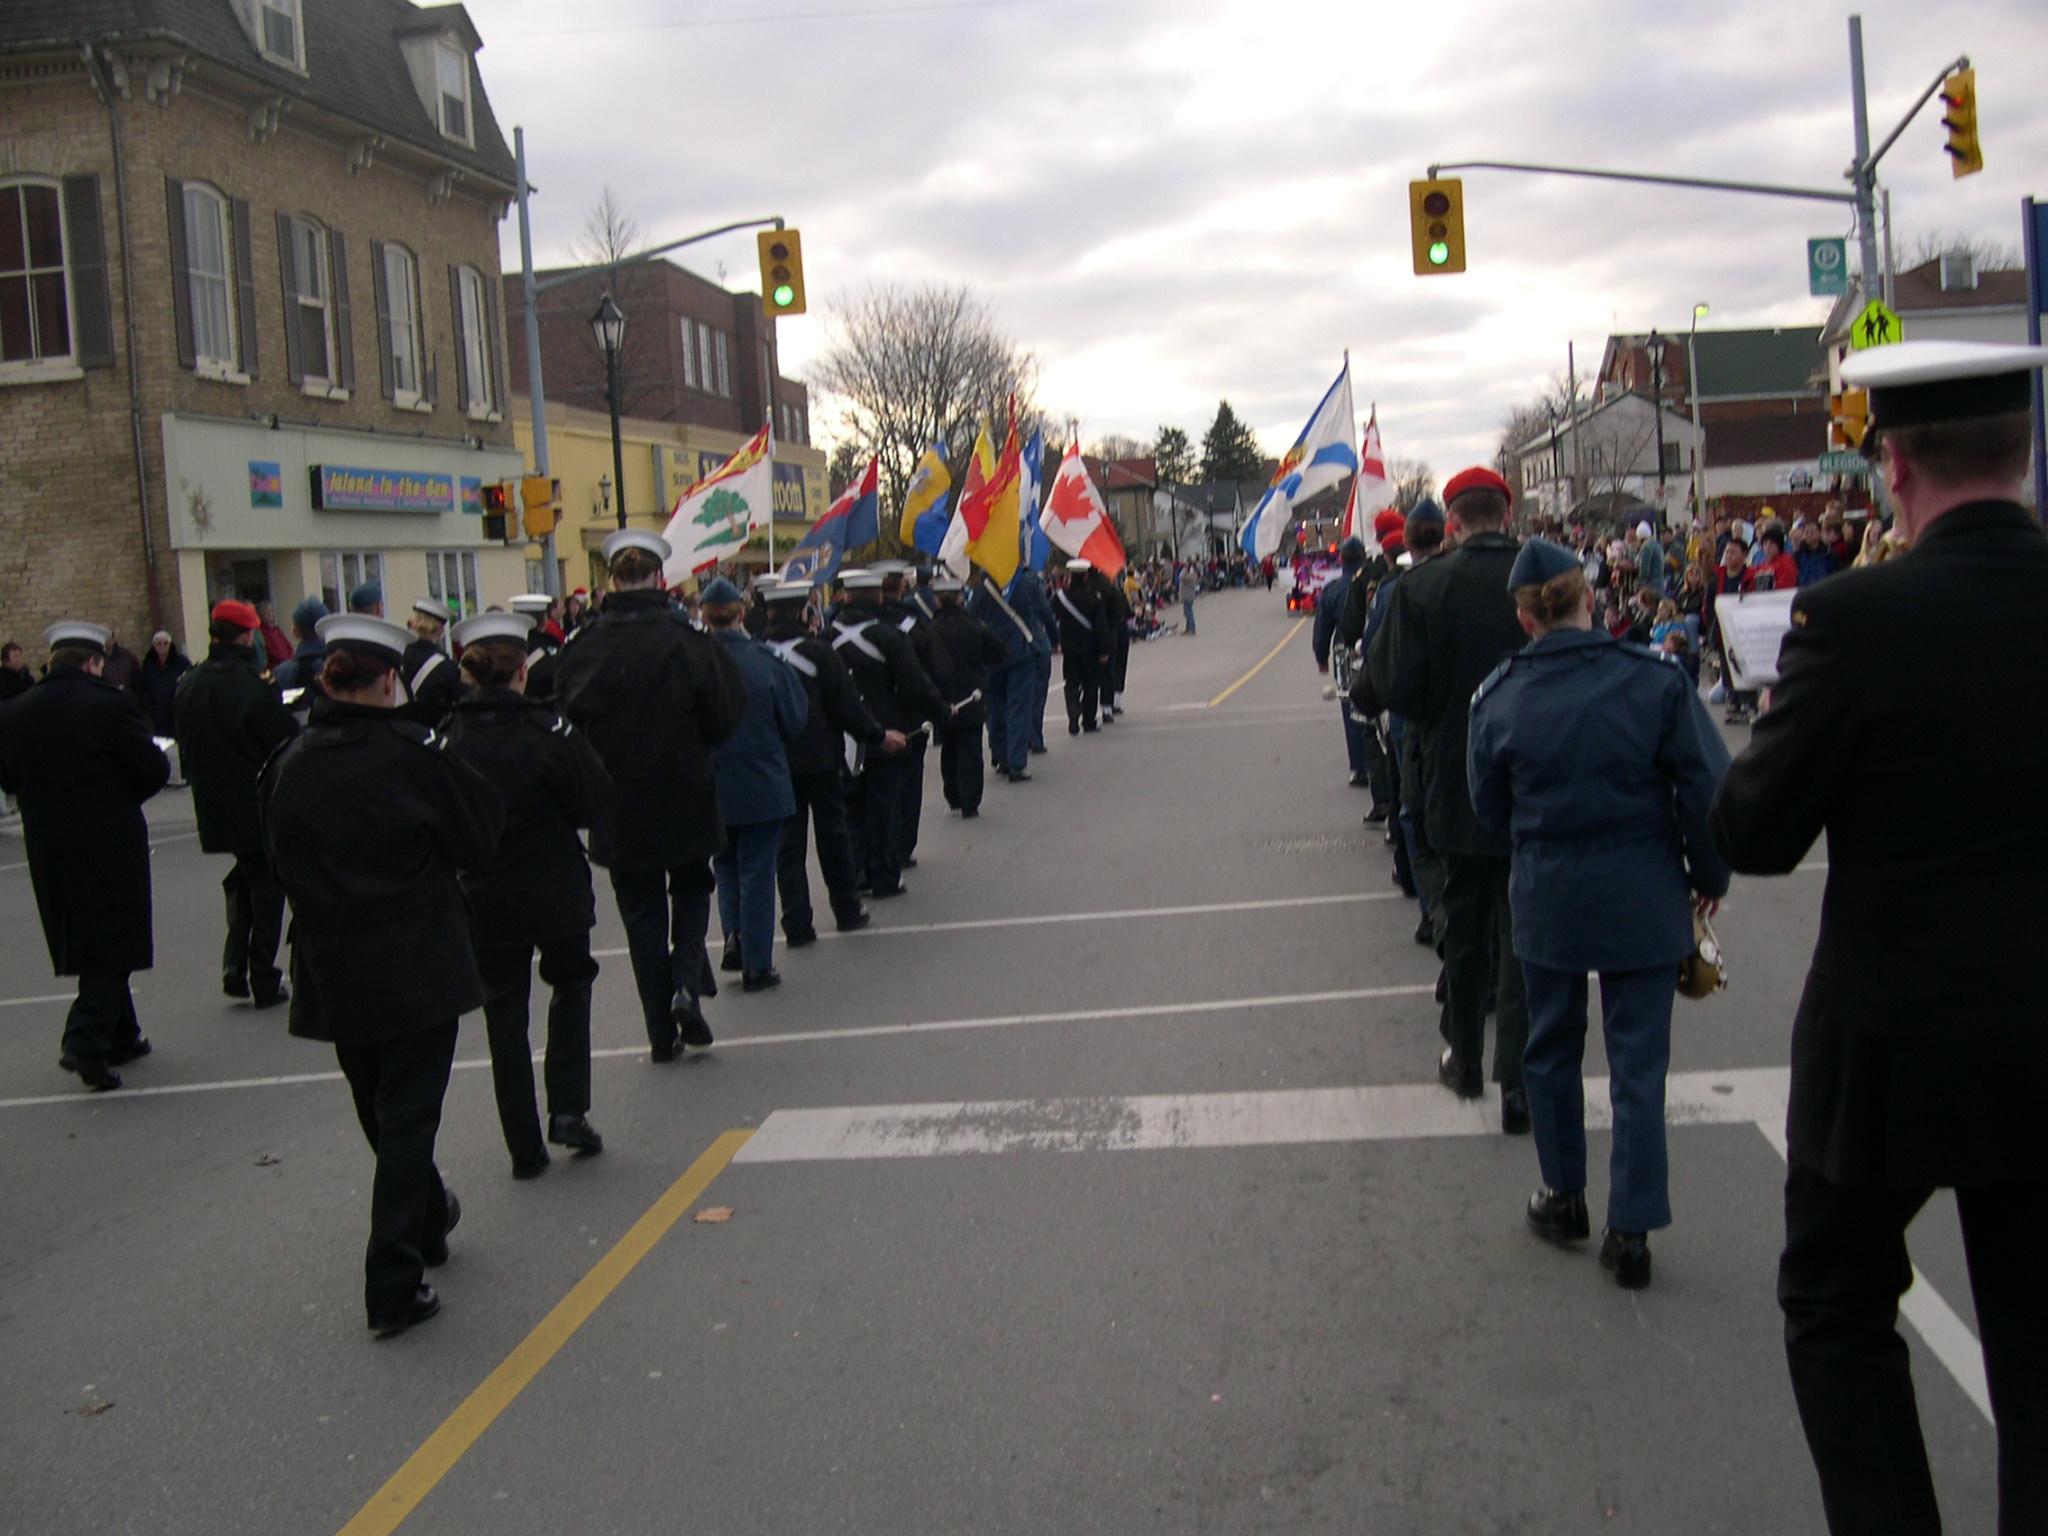 04-11-21 Cobourg Santa Claus Parade, Photo 10